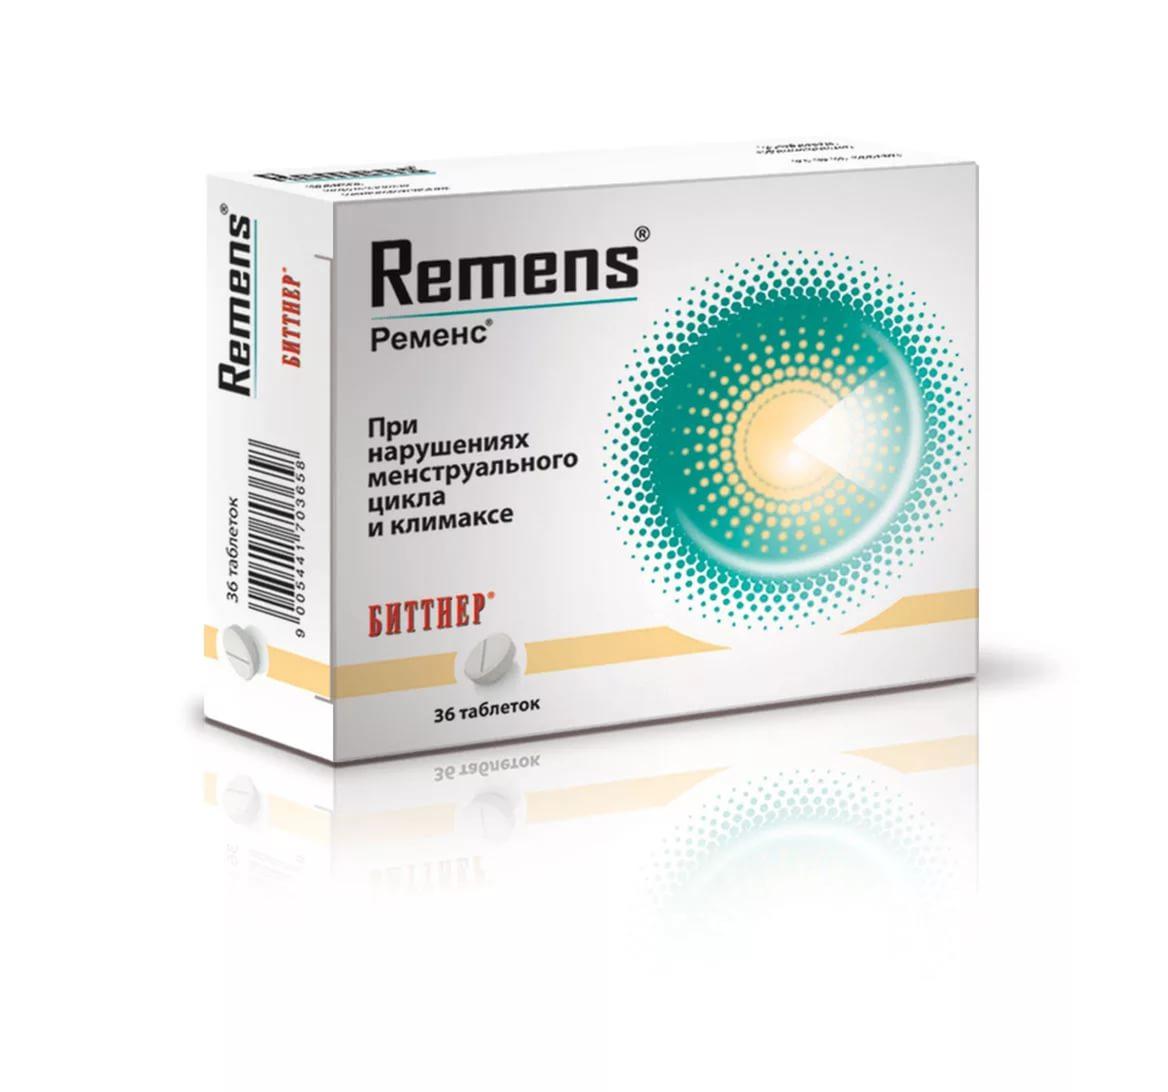 препарат Ременс